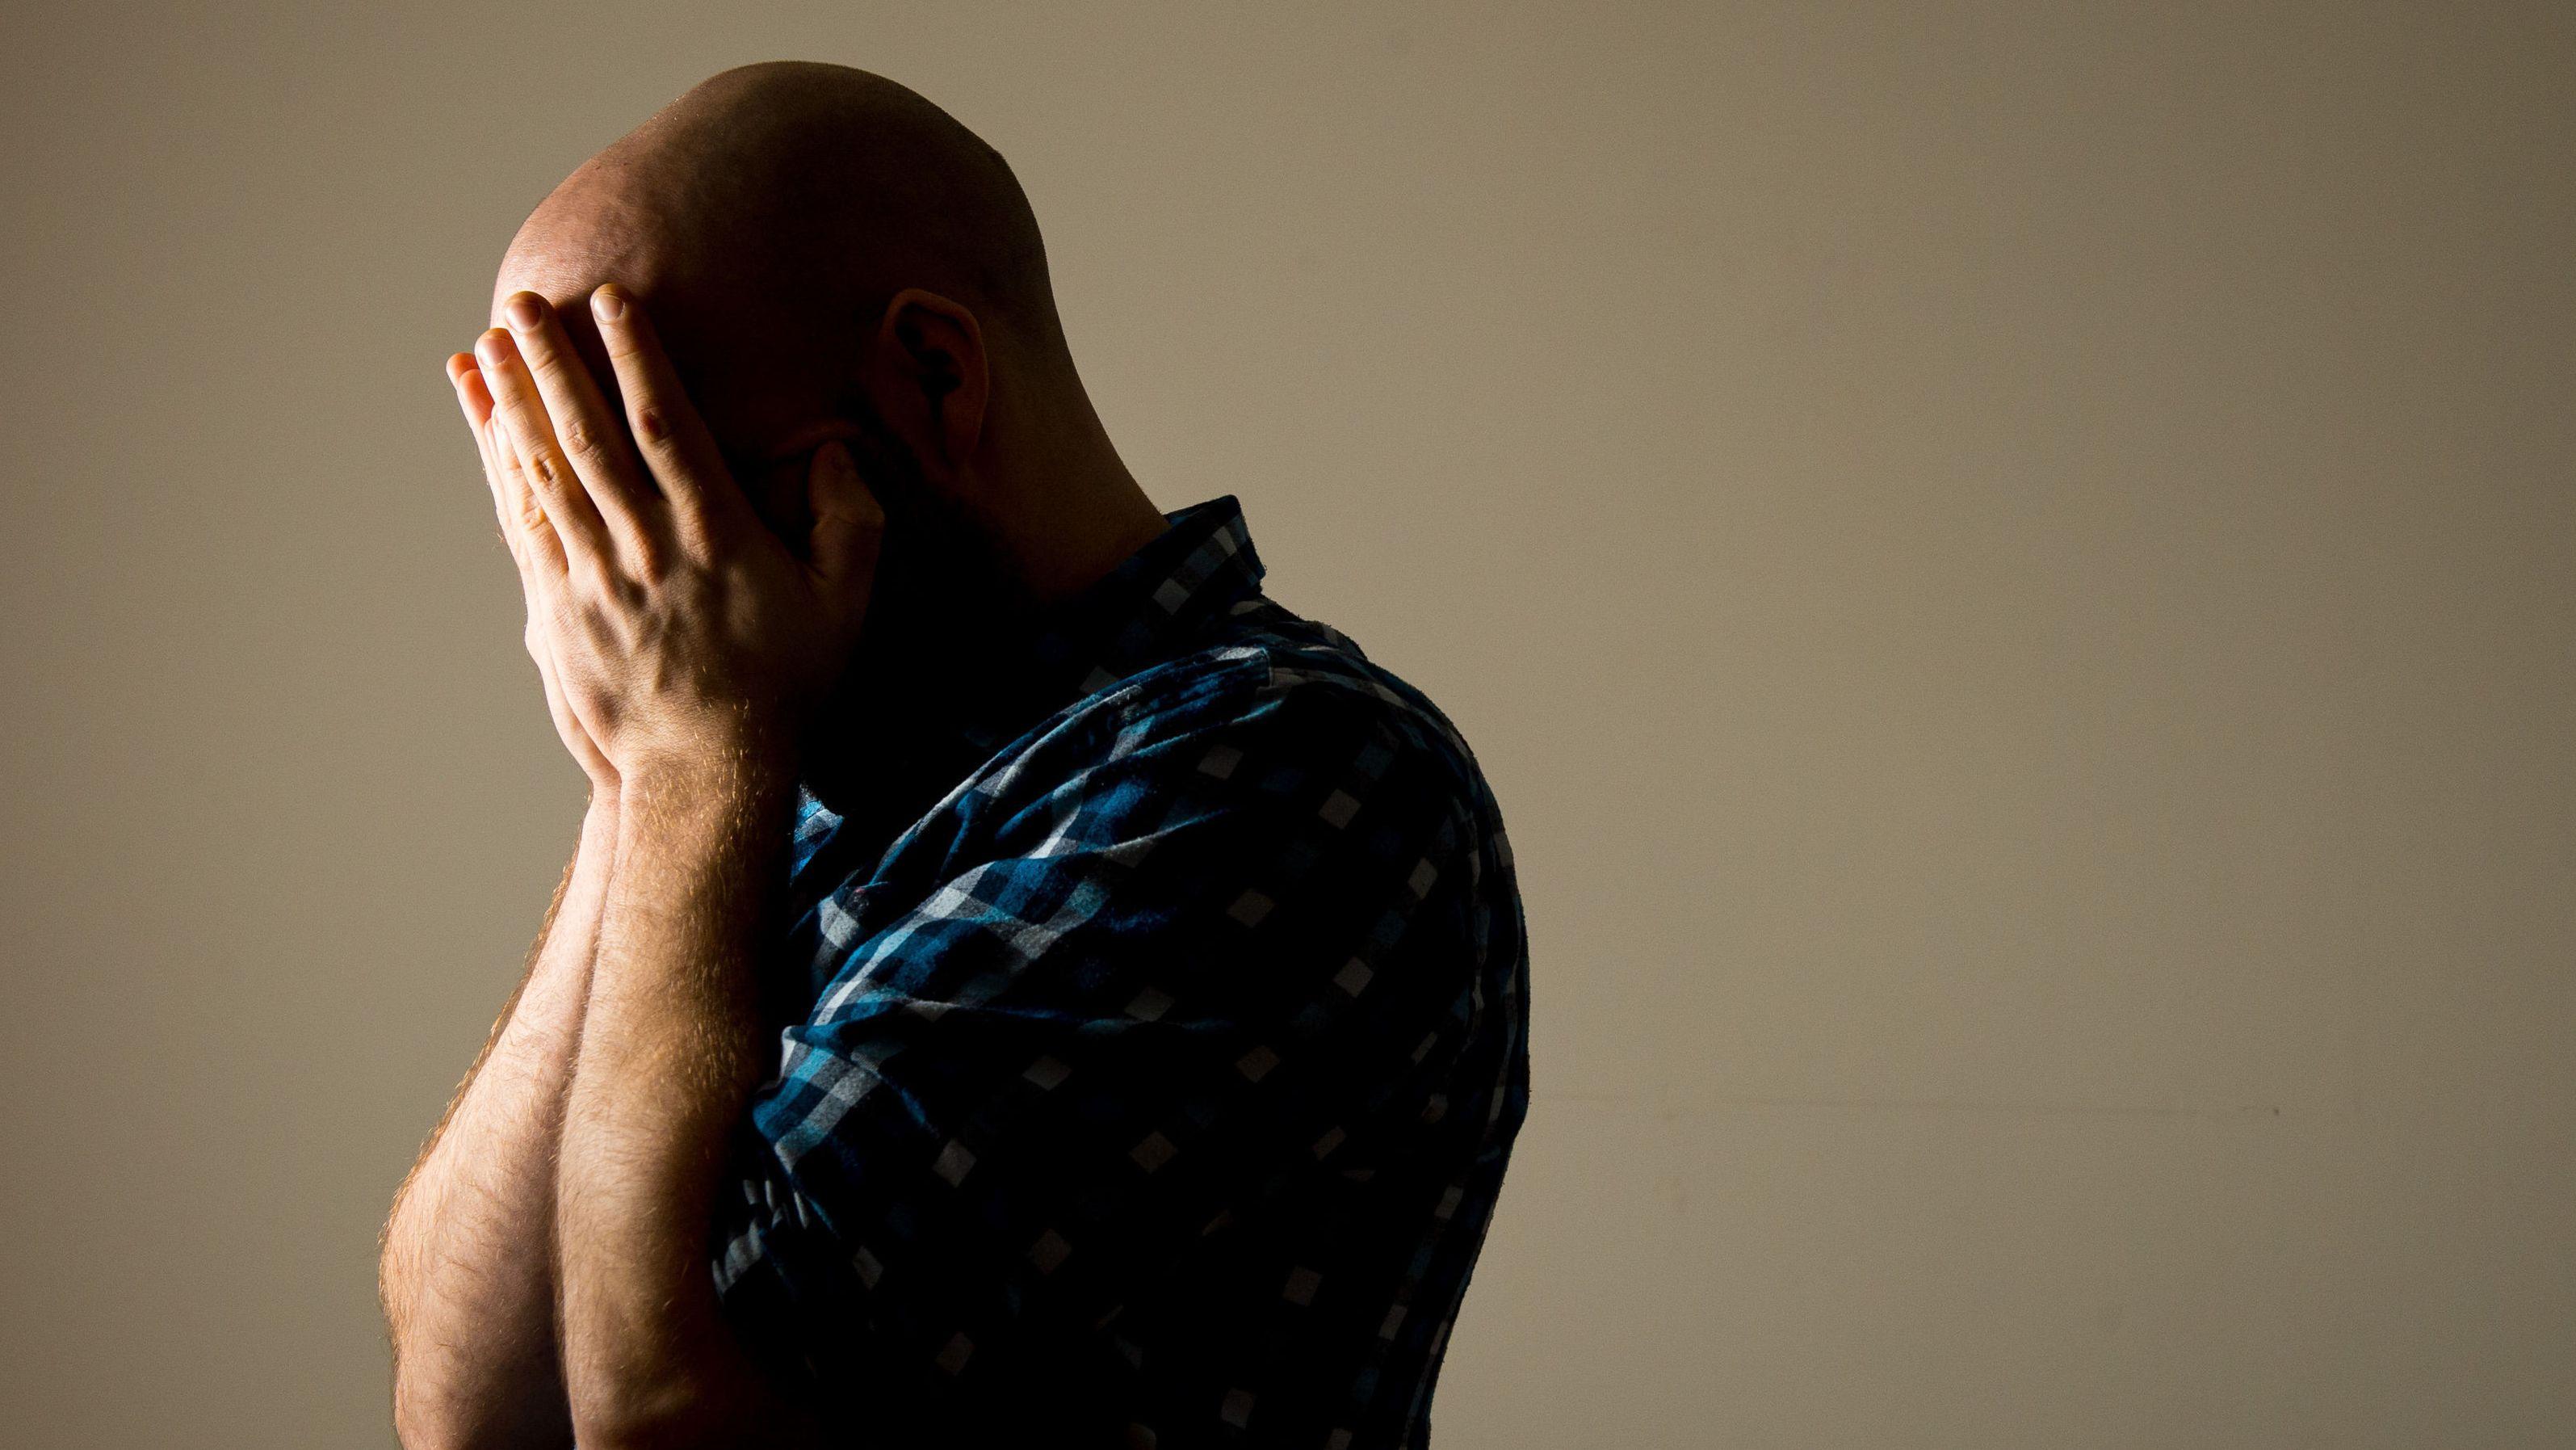 Männer begehen dreimal häufiger Selbstmord als Frauen